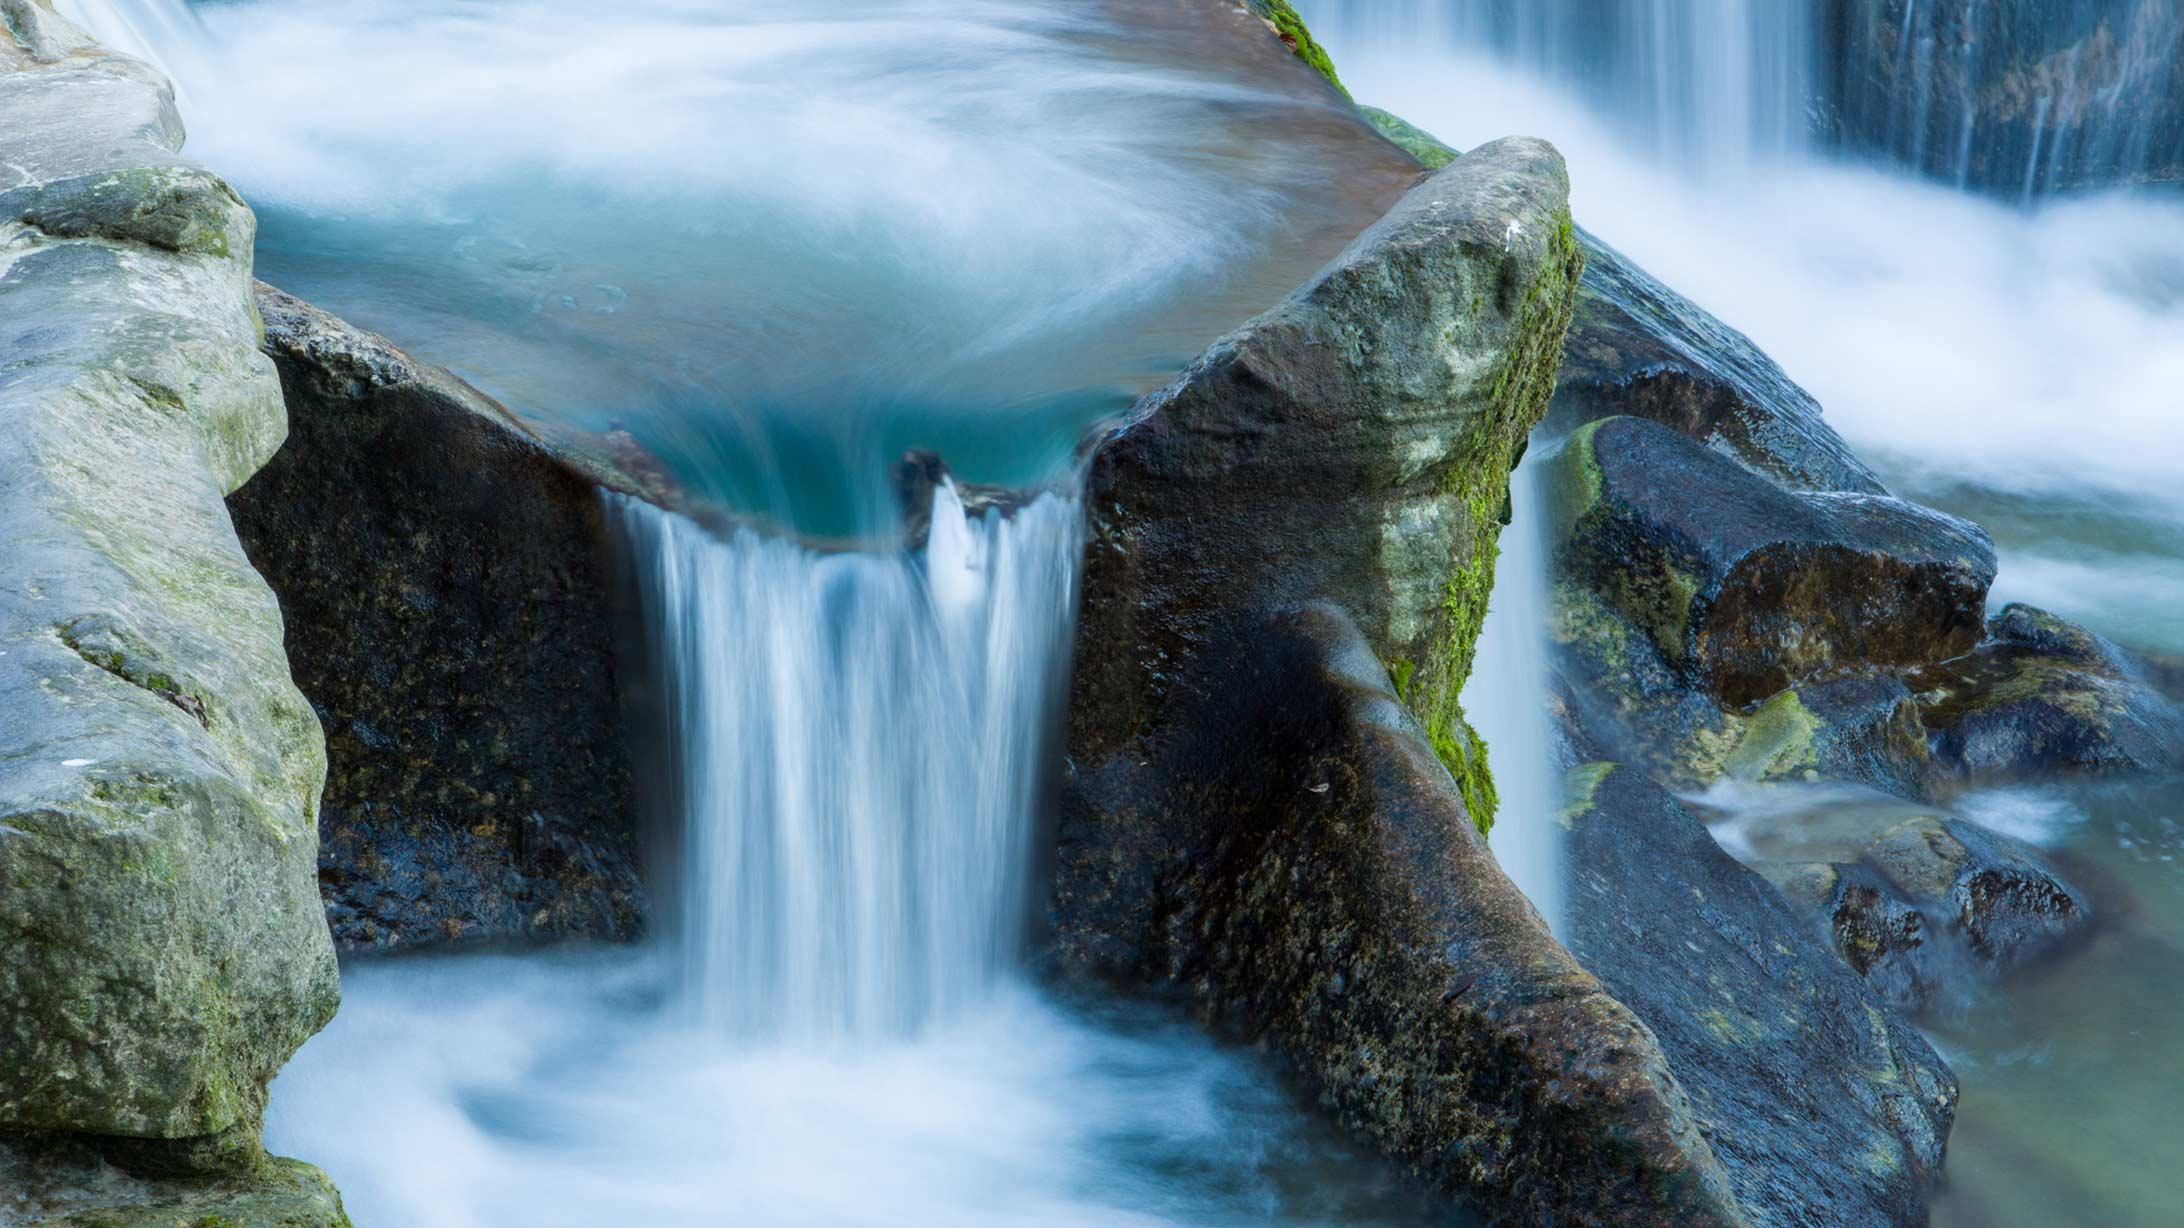 Wasser fliesst einen Wasserfall hinunter.